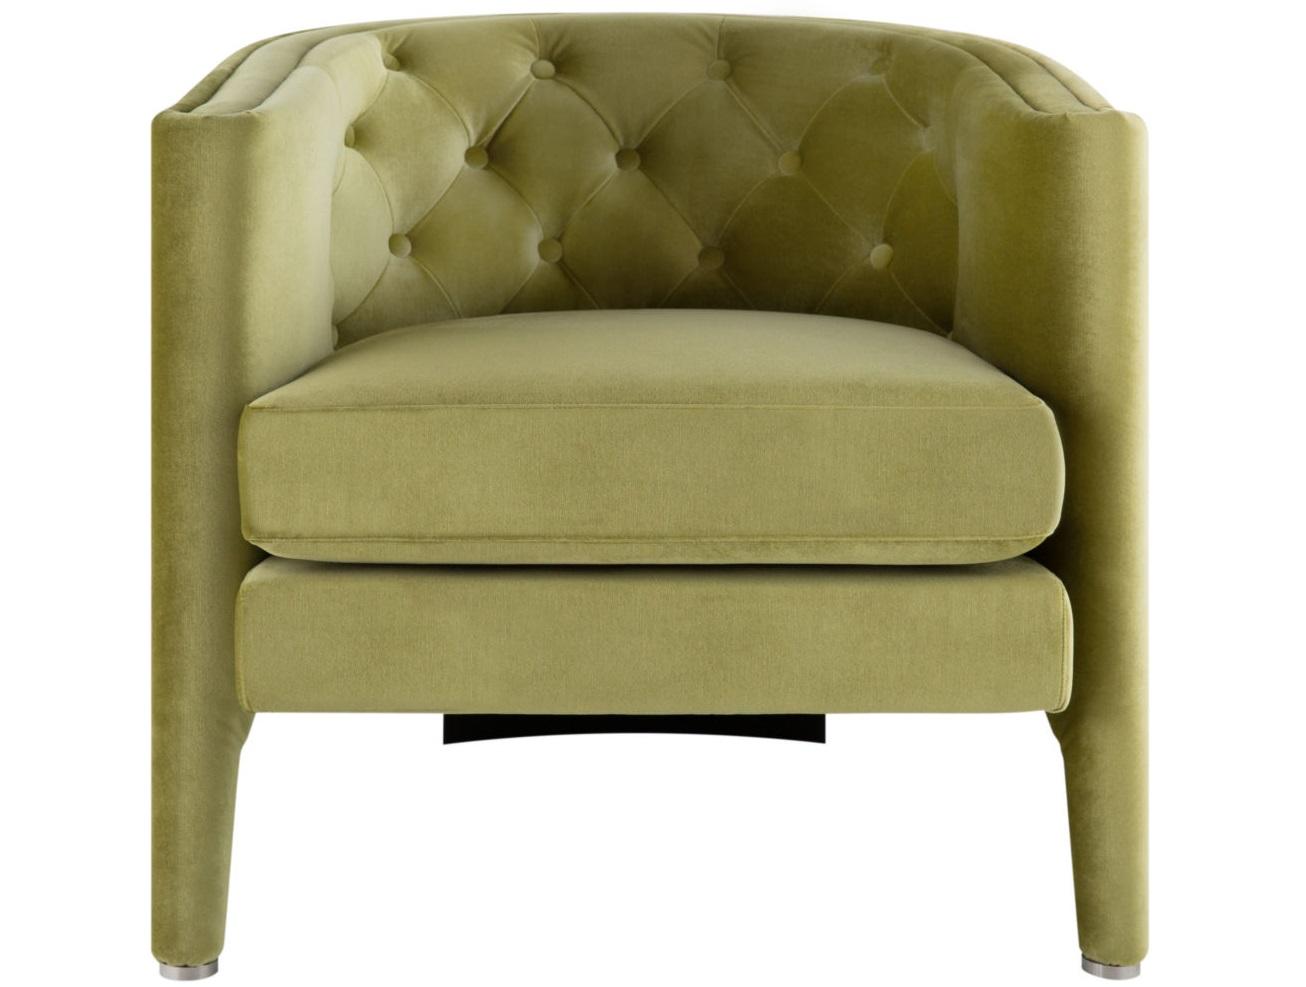 Кресло Ray greenИнтерьерные кресла<br><br><br>Material: Текстиль